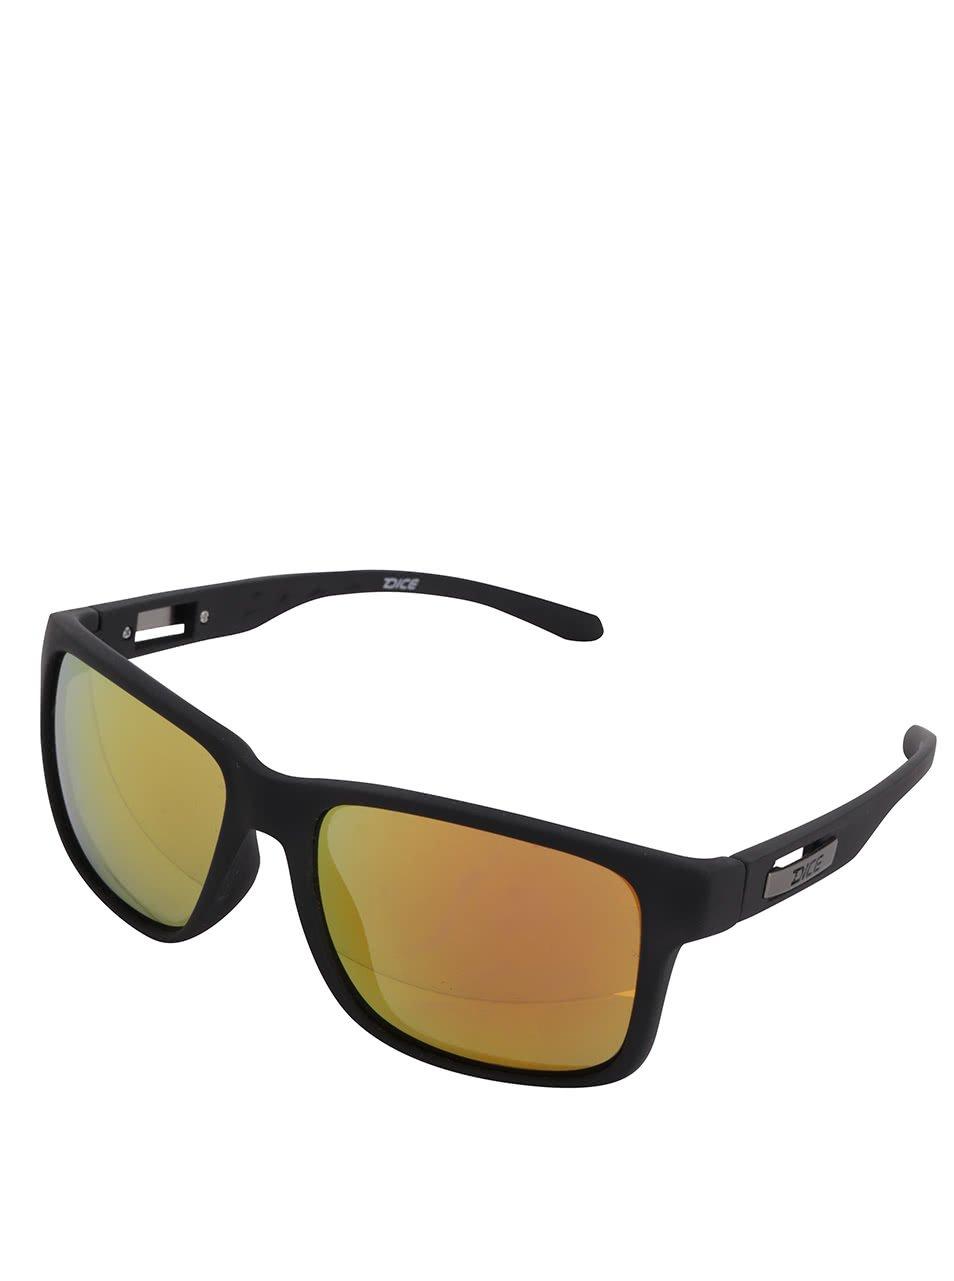 Tmavě hnědé pánské sluneční brýle se žlutými skly Dice